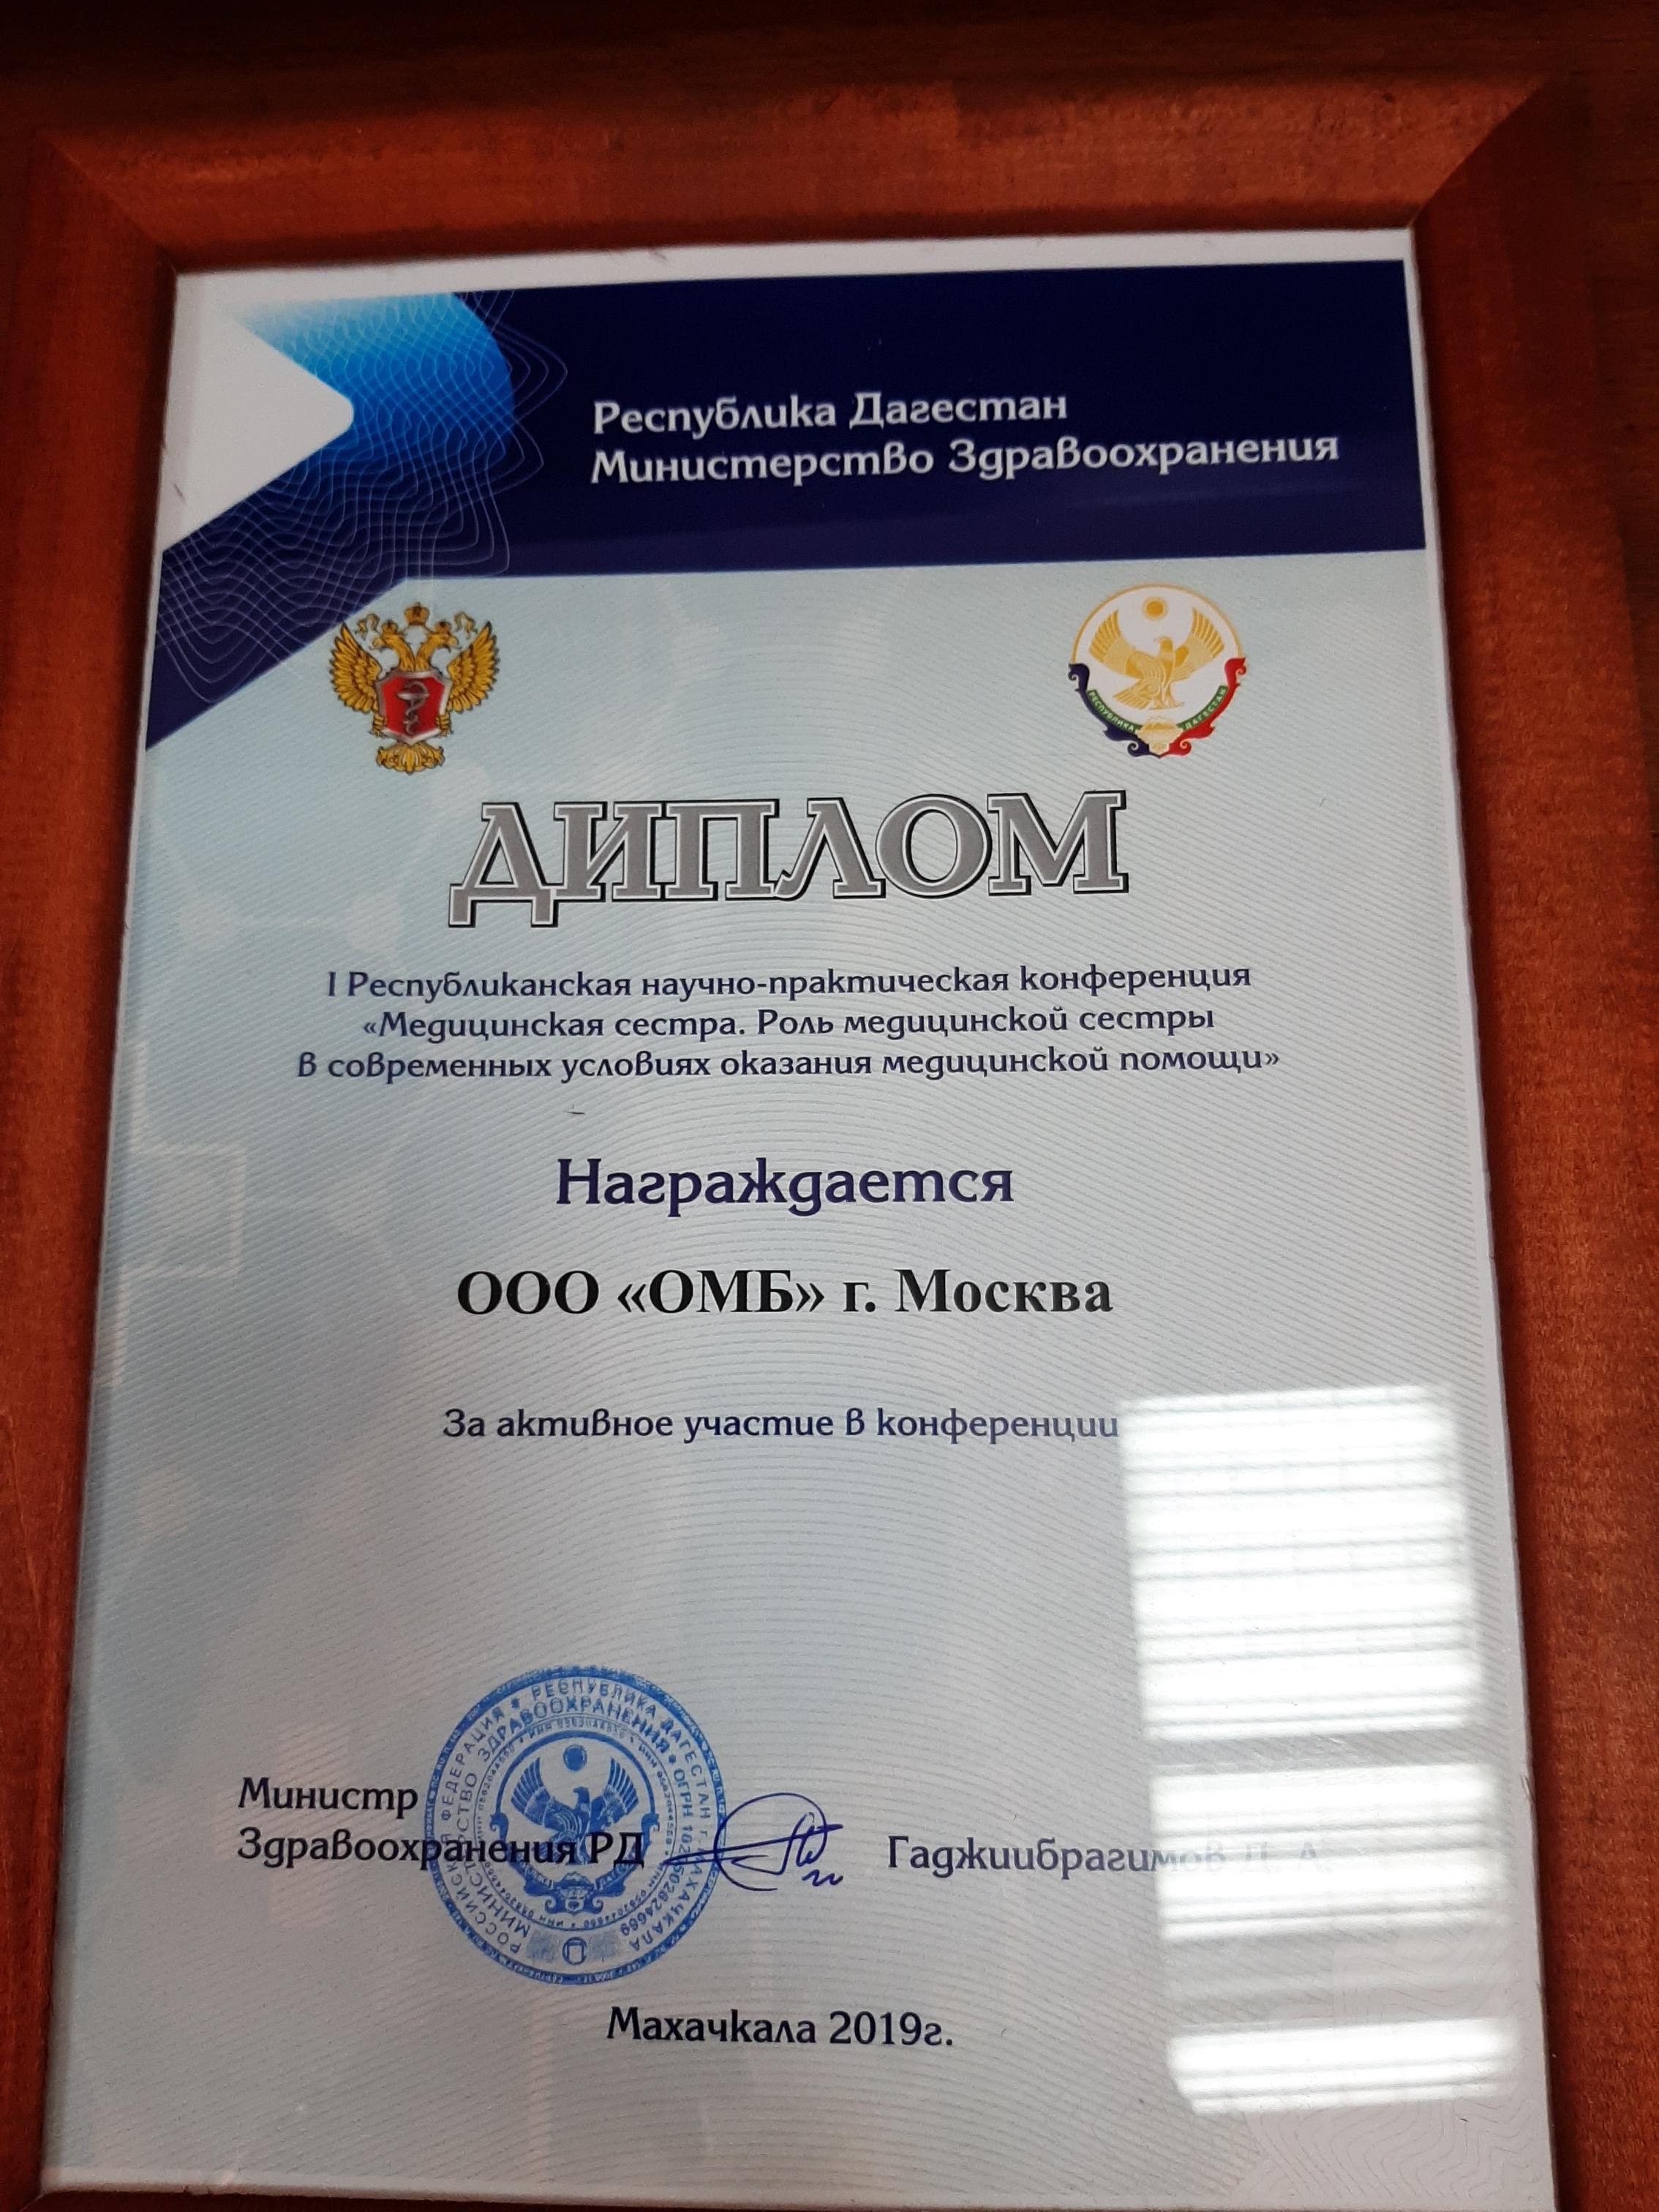 диплом участника конференции медсестер в дагестане